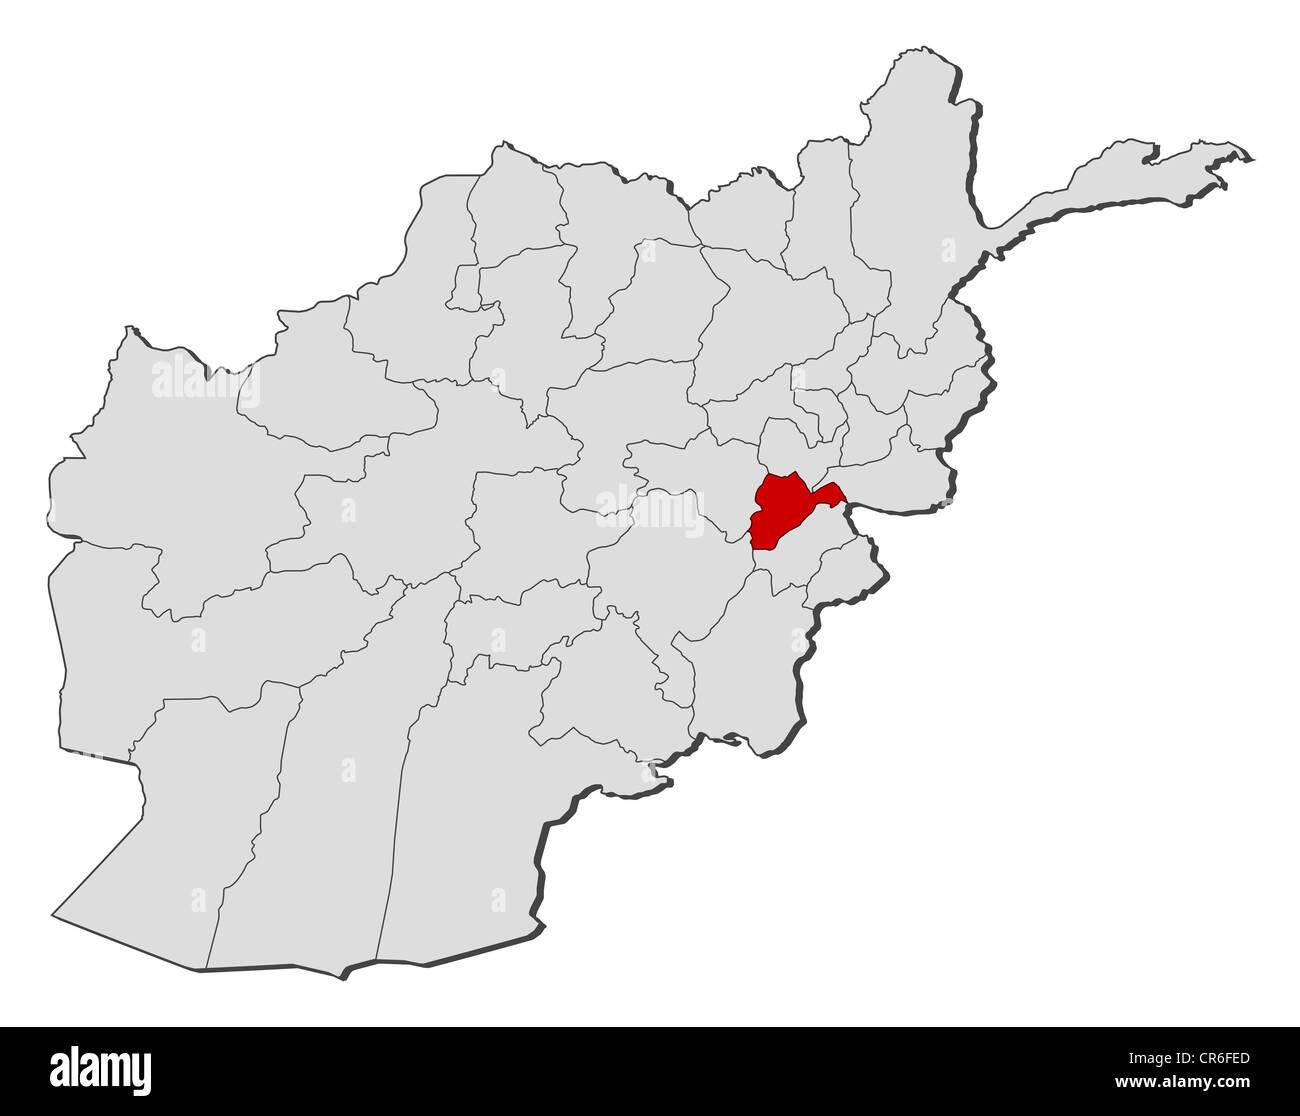 Karte Afghanistan Provinzen.Politische Karte Von Afghanistan Mit Den Verschiedenen